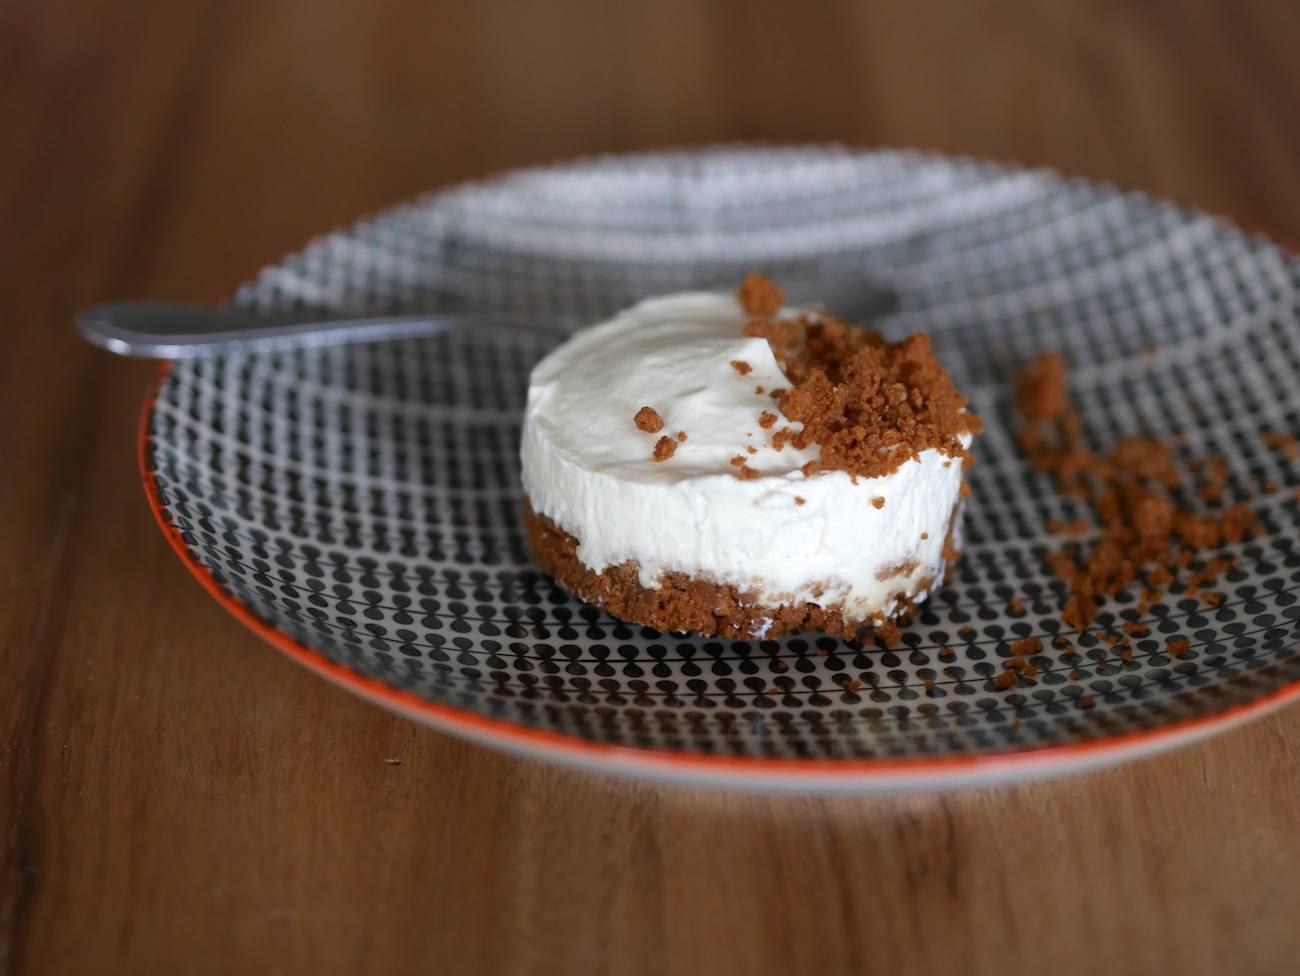 Recette Cheesecake Spéculos - Nolwenn C 1